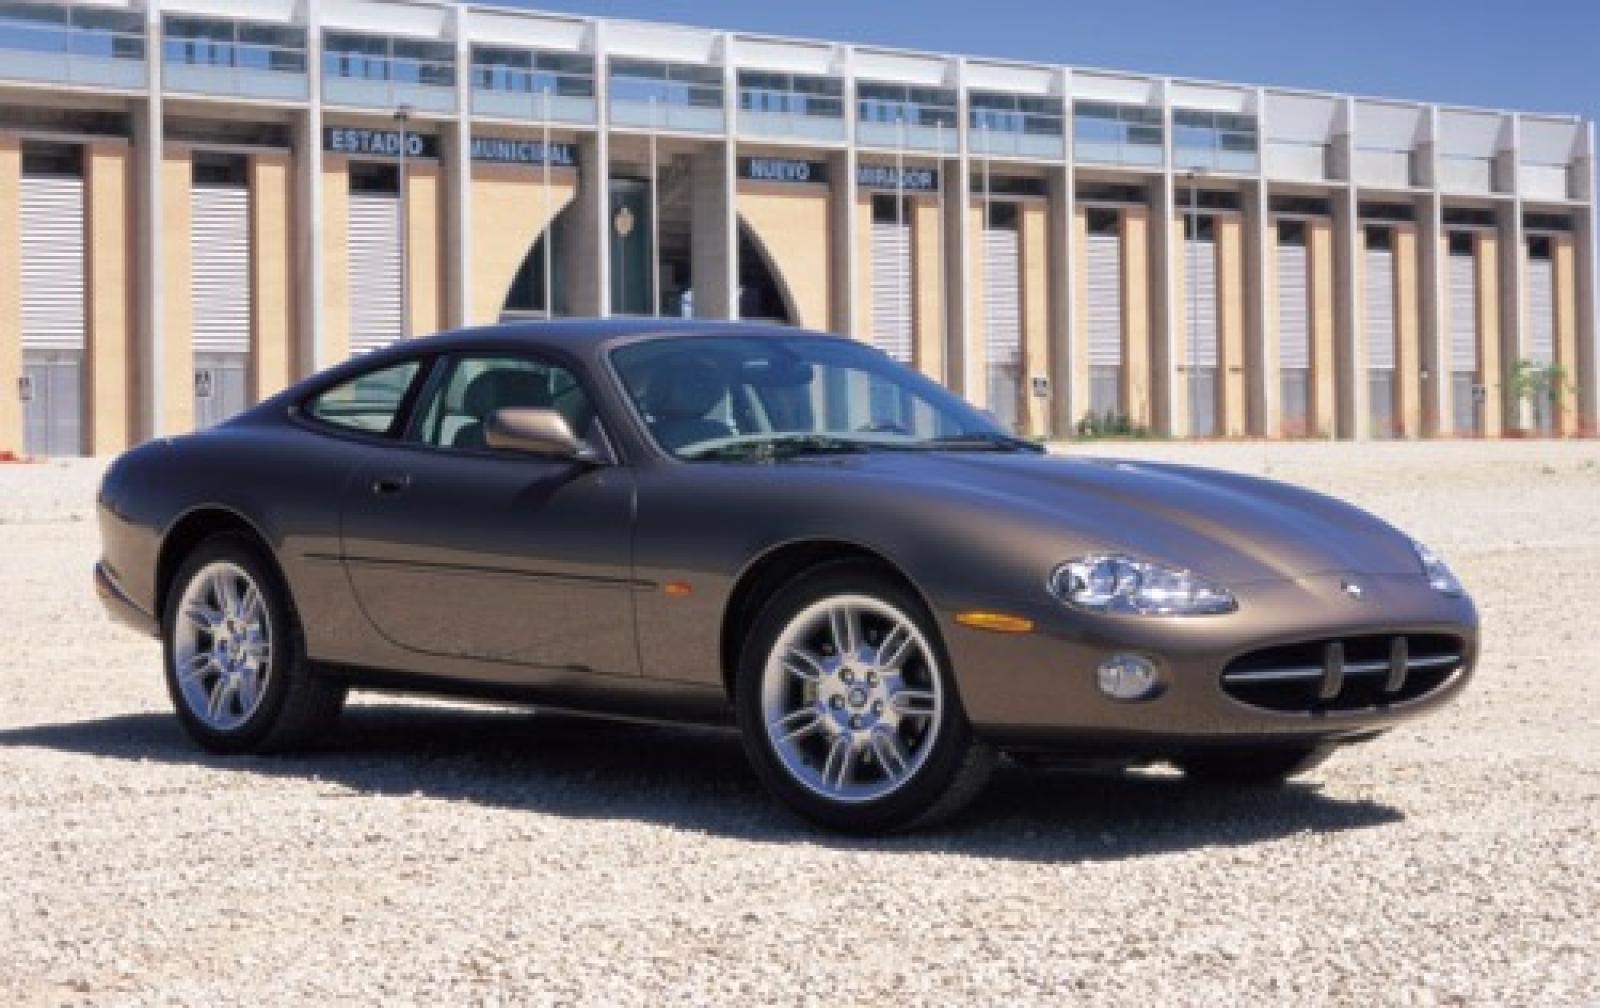 2006 Jaguar XK-Series - Information and photos - Zomb Drive